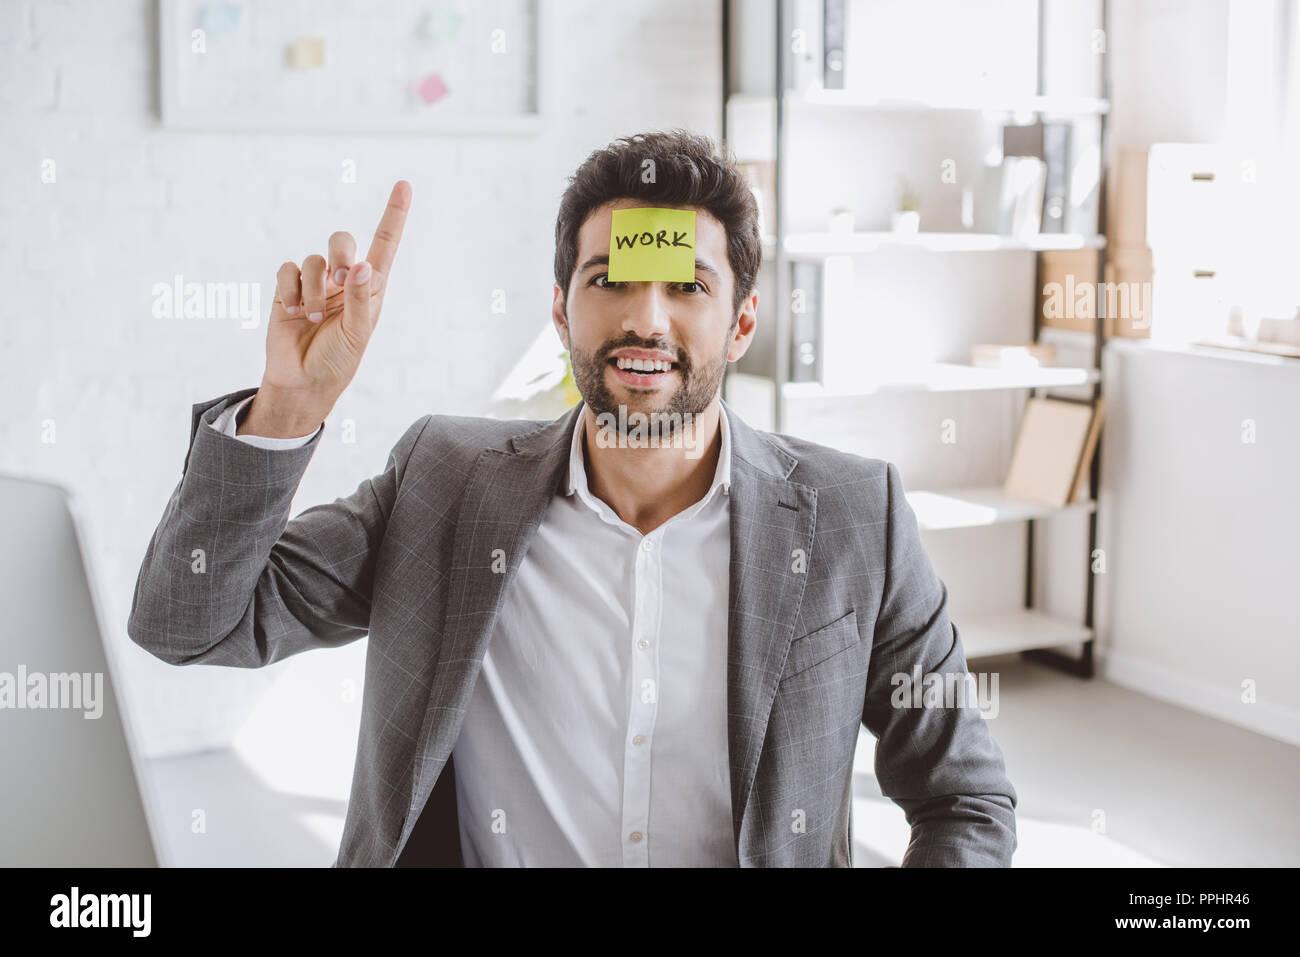 Fröhliche Geschäftsmann nach oben zeigt, und sitzen mit einem Aufkleber auf der Stirn mit Word arbeiten im Büro Stockbild